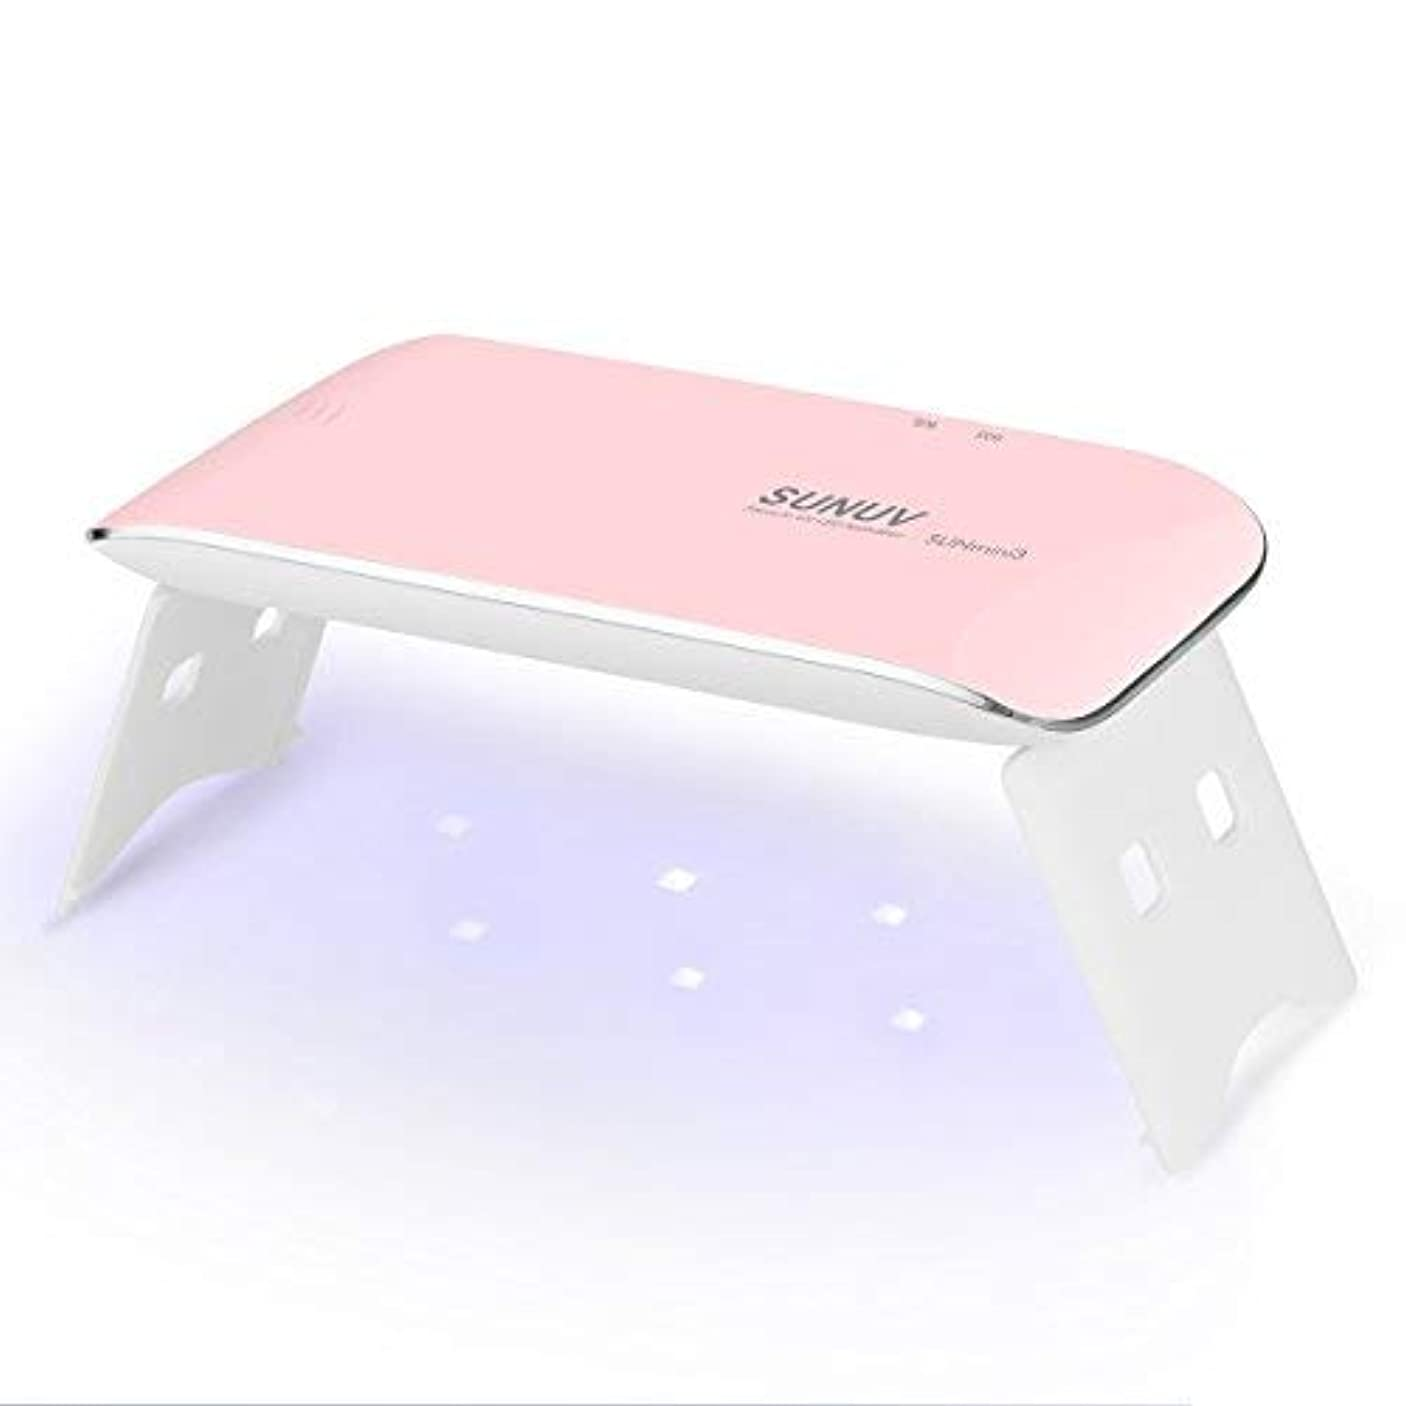 飛び込む血統プラスチックSUNUV UV LEDライト ネイルドライヤー mini ミニ ジェルネイルライト 日本語説明書 ネイルライト 6W 初心者 電池 USB給電 2倍の長寿命 カワイイ 携帯式 一年保証期間